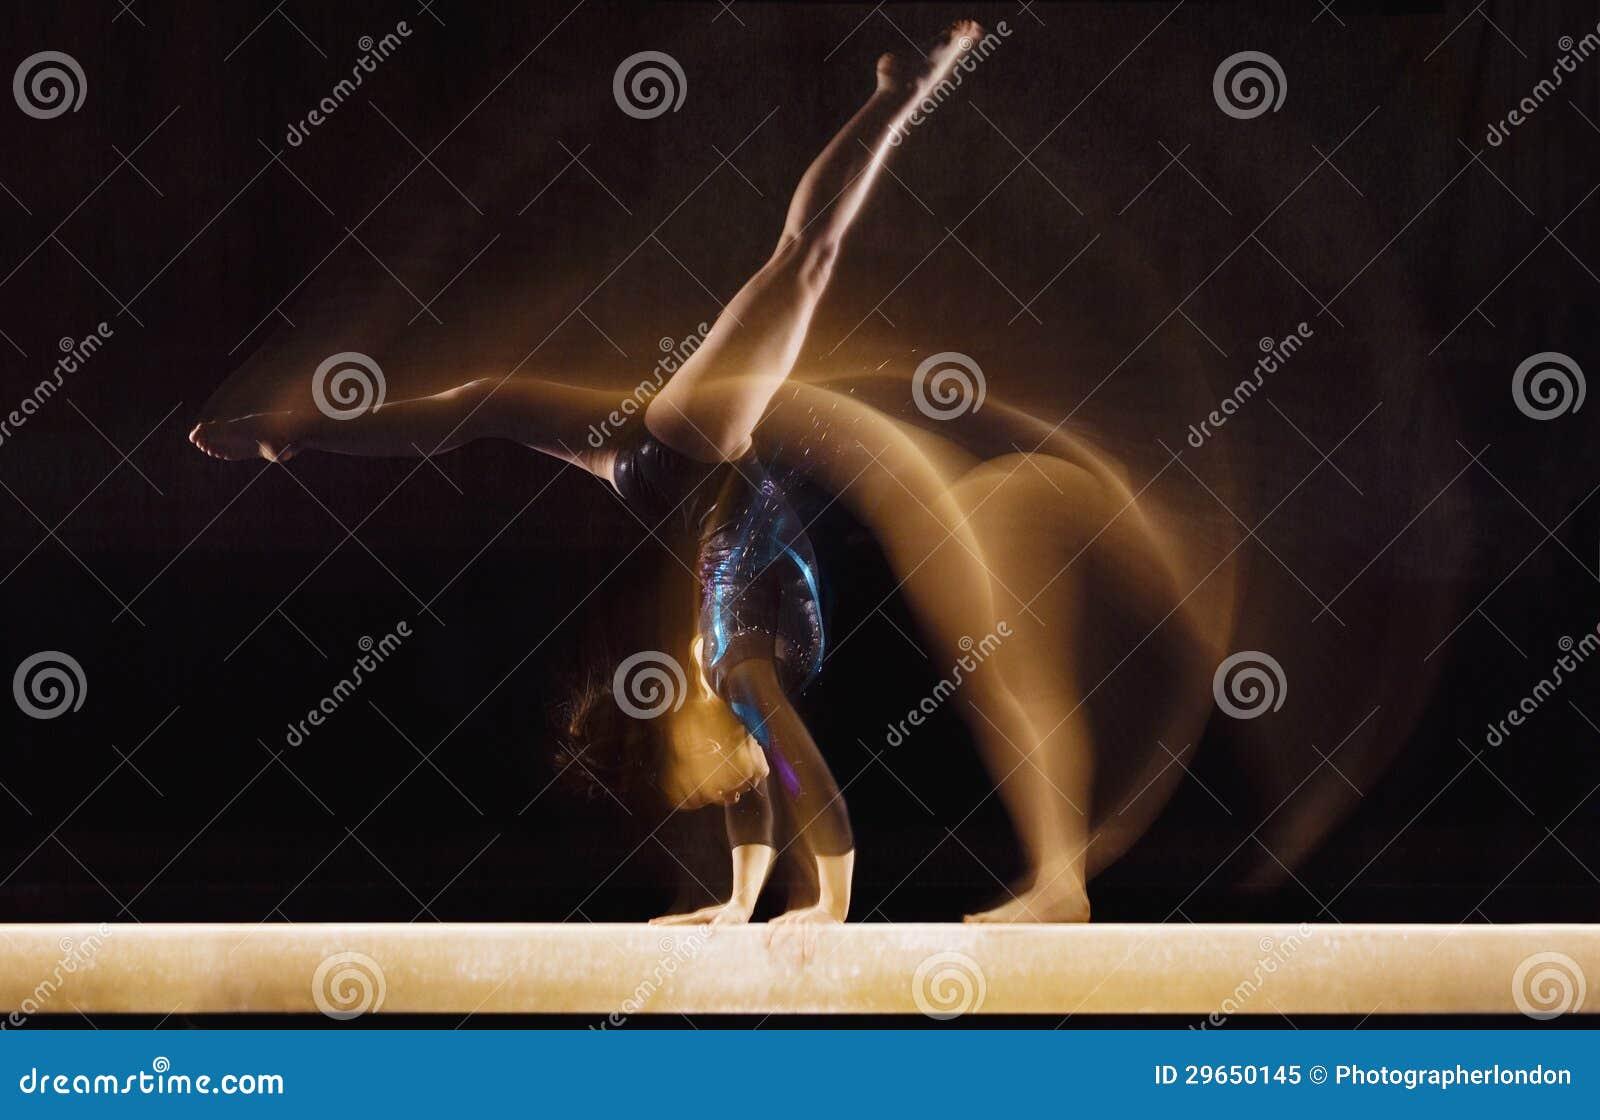 Female Gymnast In Motion